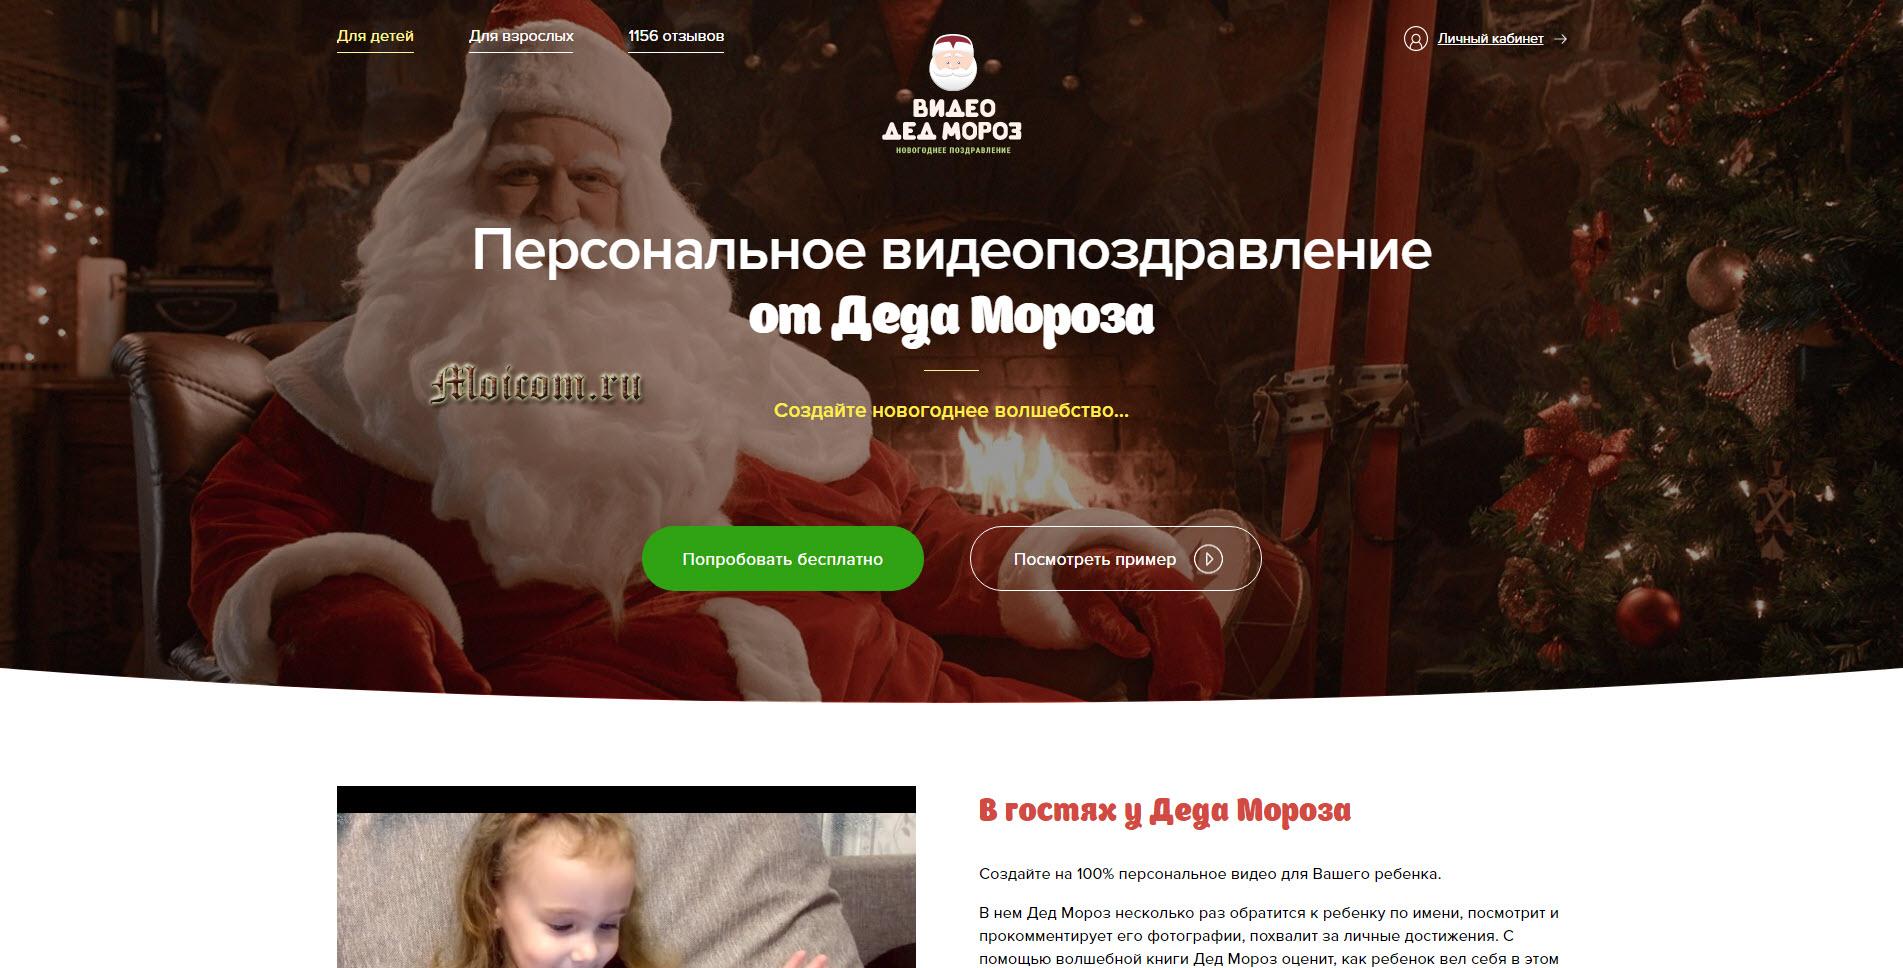 Сервисы видео поздравлений с новым годом от деда мороза - видео дед мороз для детей и взрослых